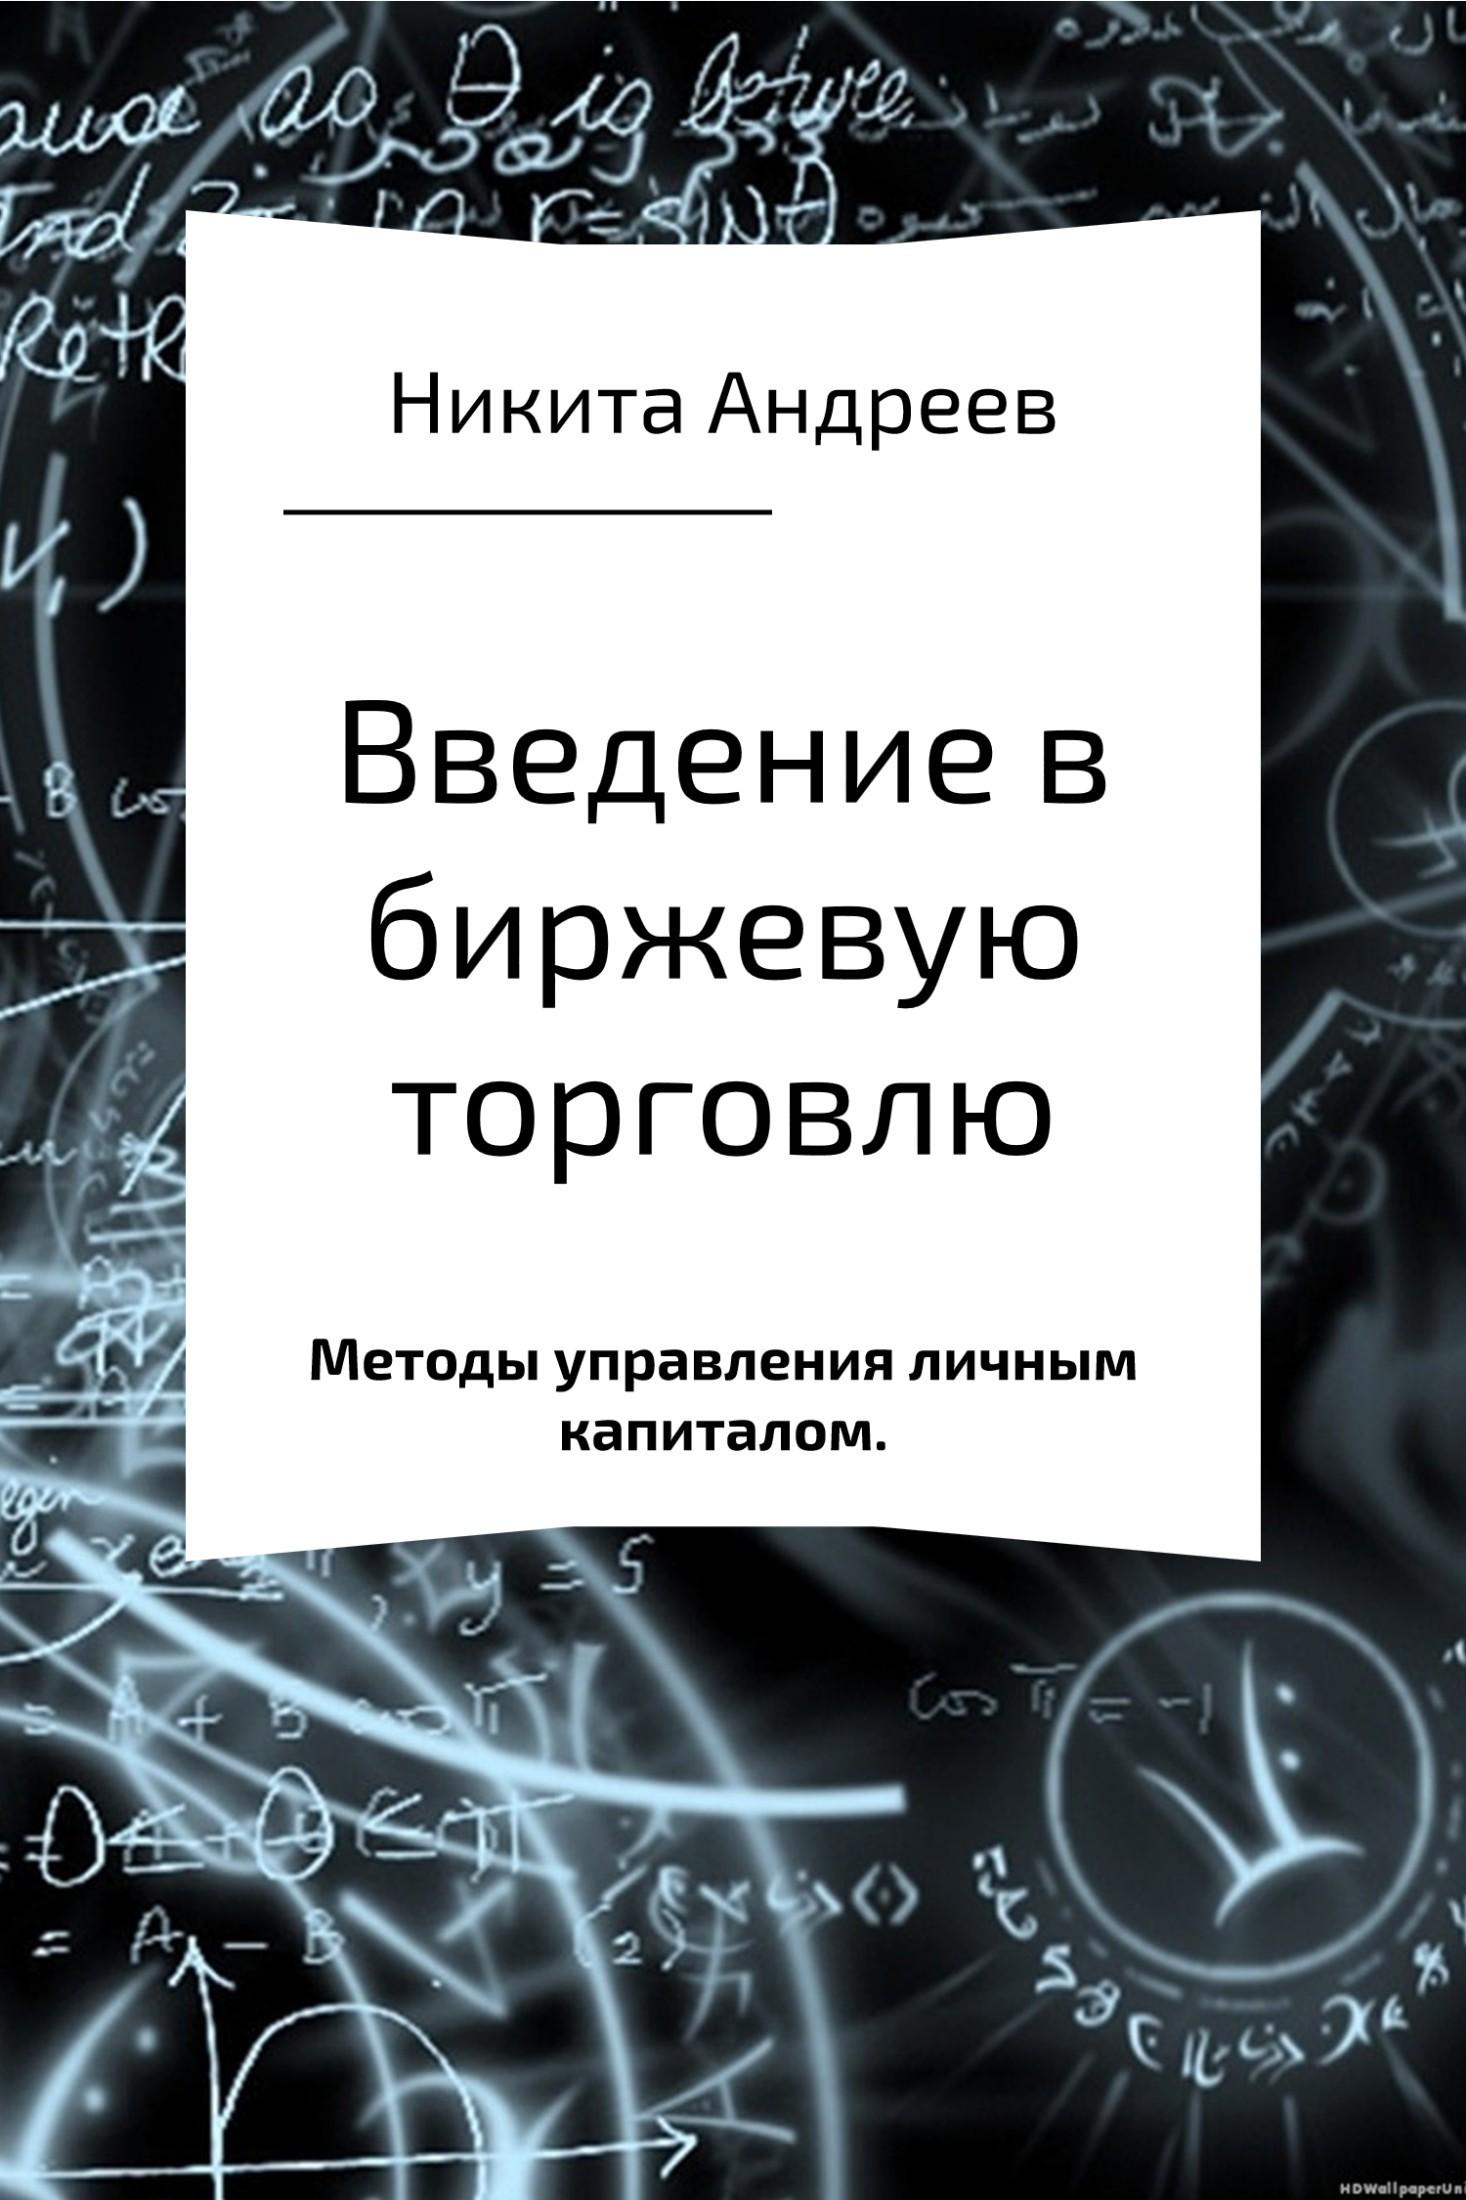 Обложка книги Введение в биржевую торговлю и методы управления личным капиталом